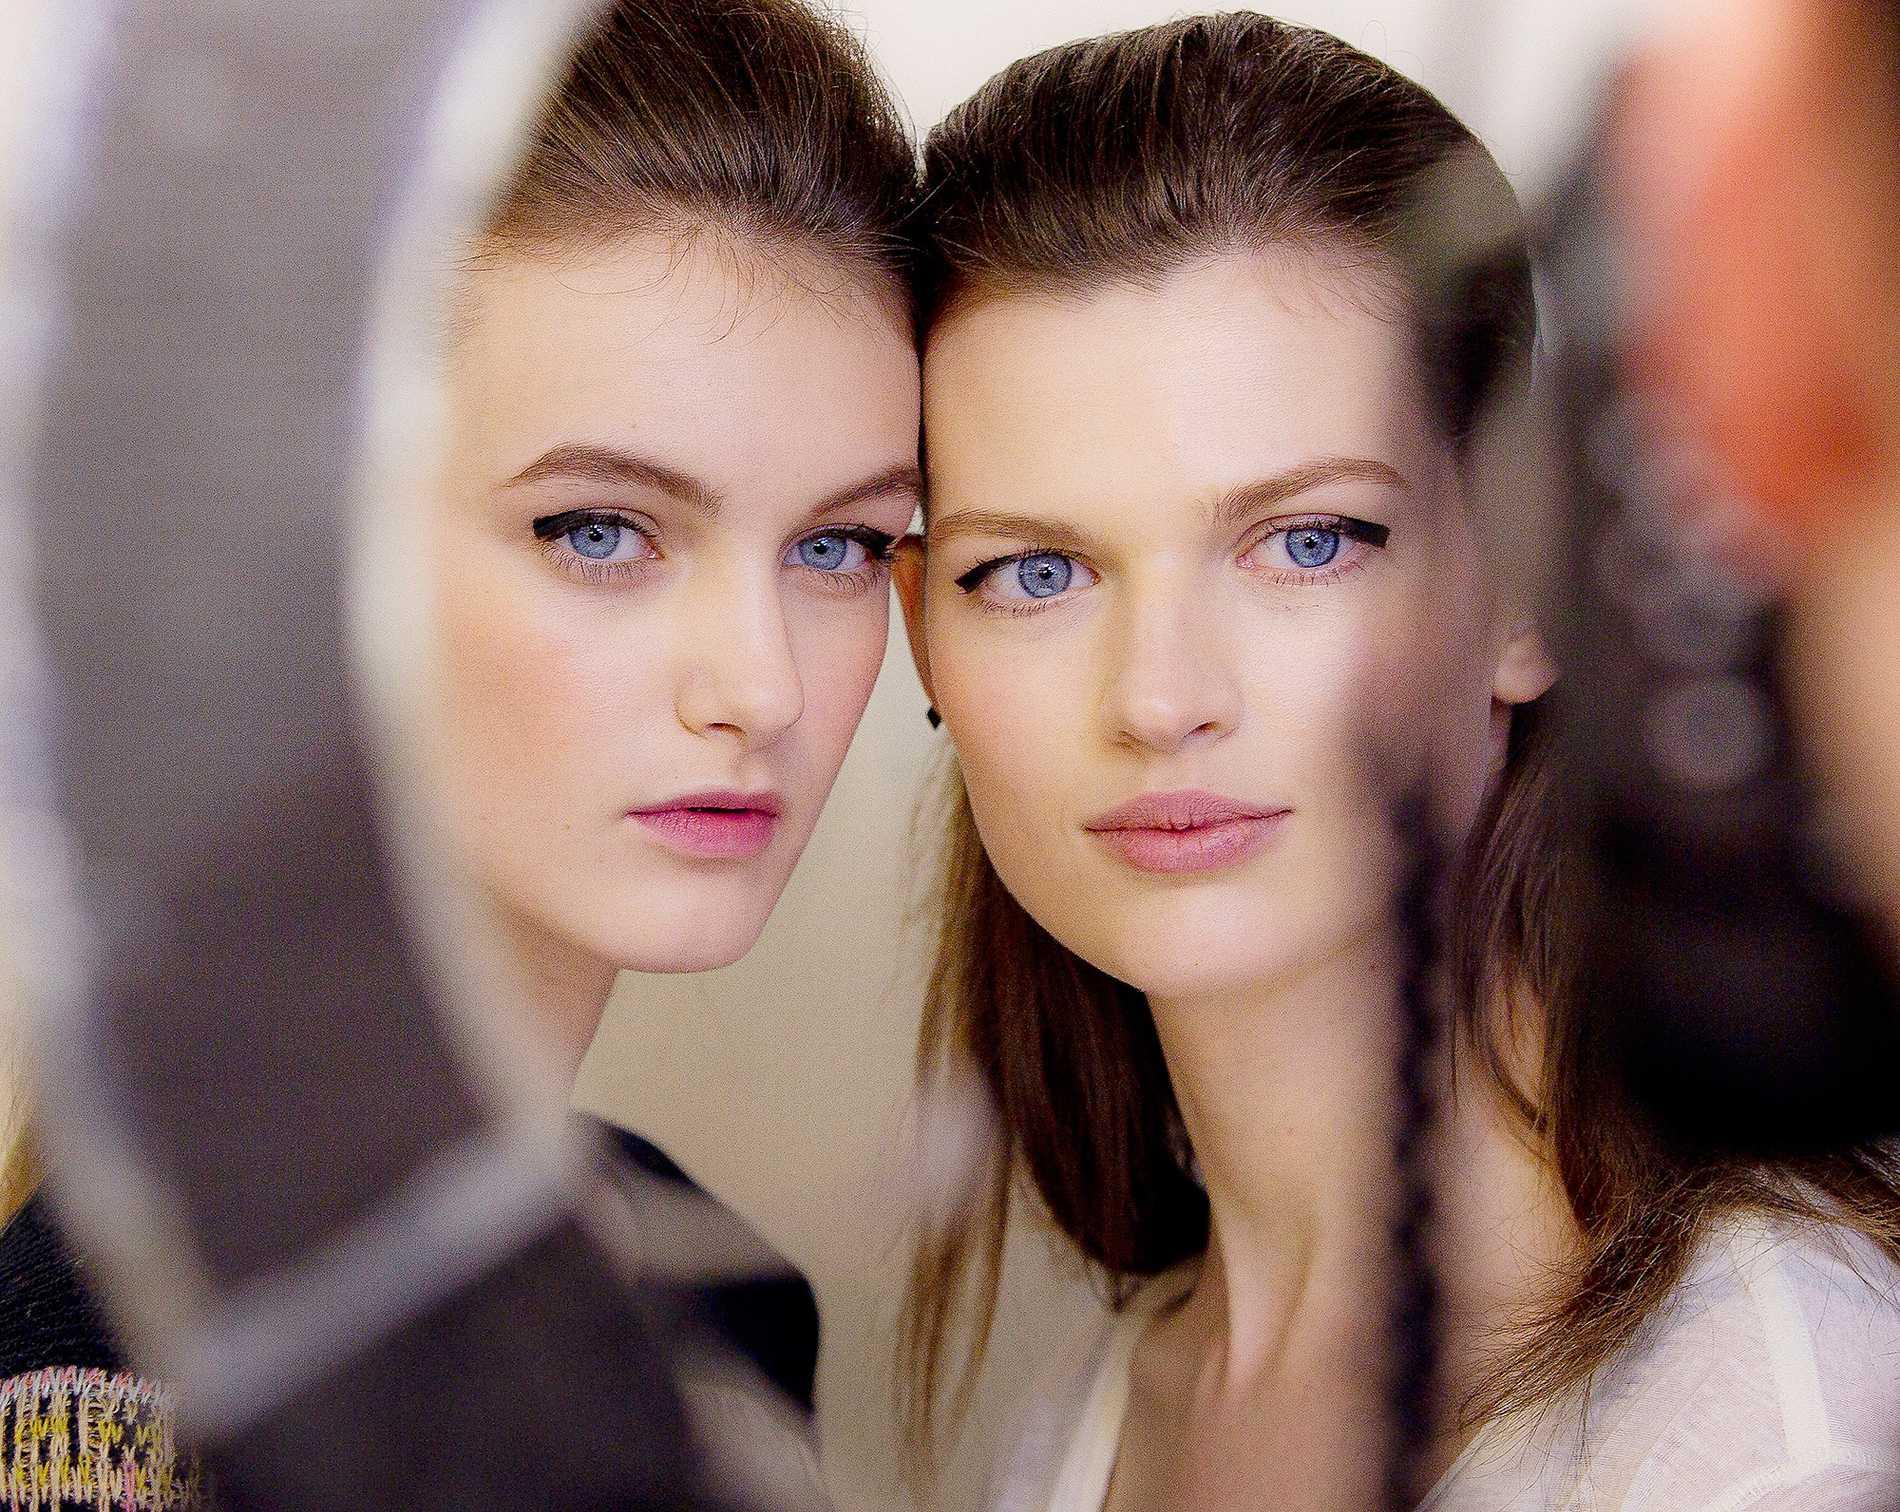 Skönhet är ingen garanti för en positiv självbild. Även många vackra människor lider av komplex och negativ kroppsuppfattning.